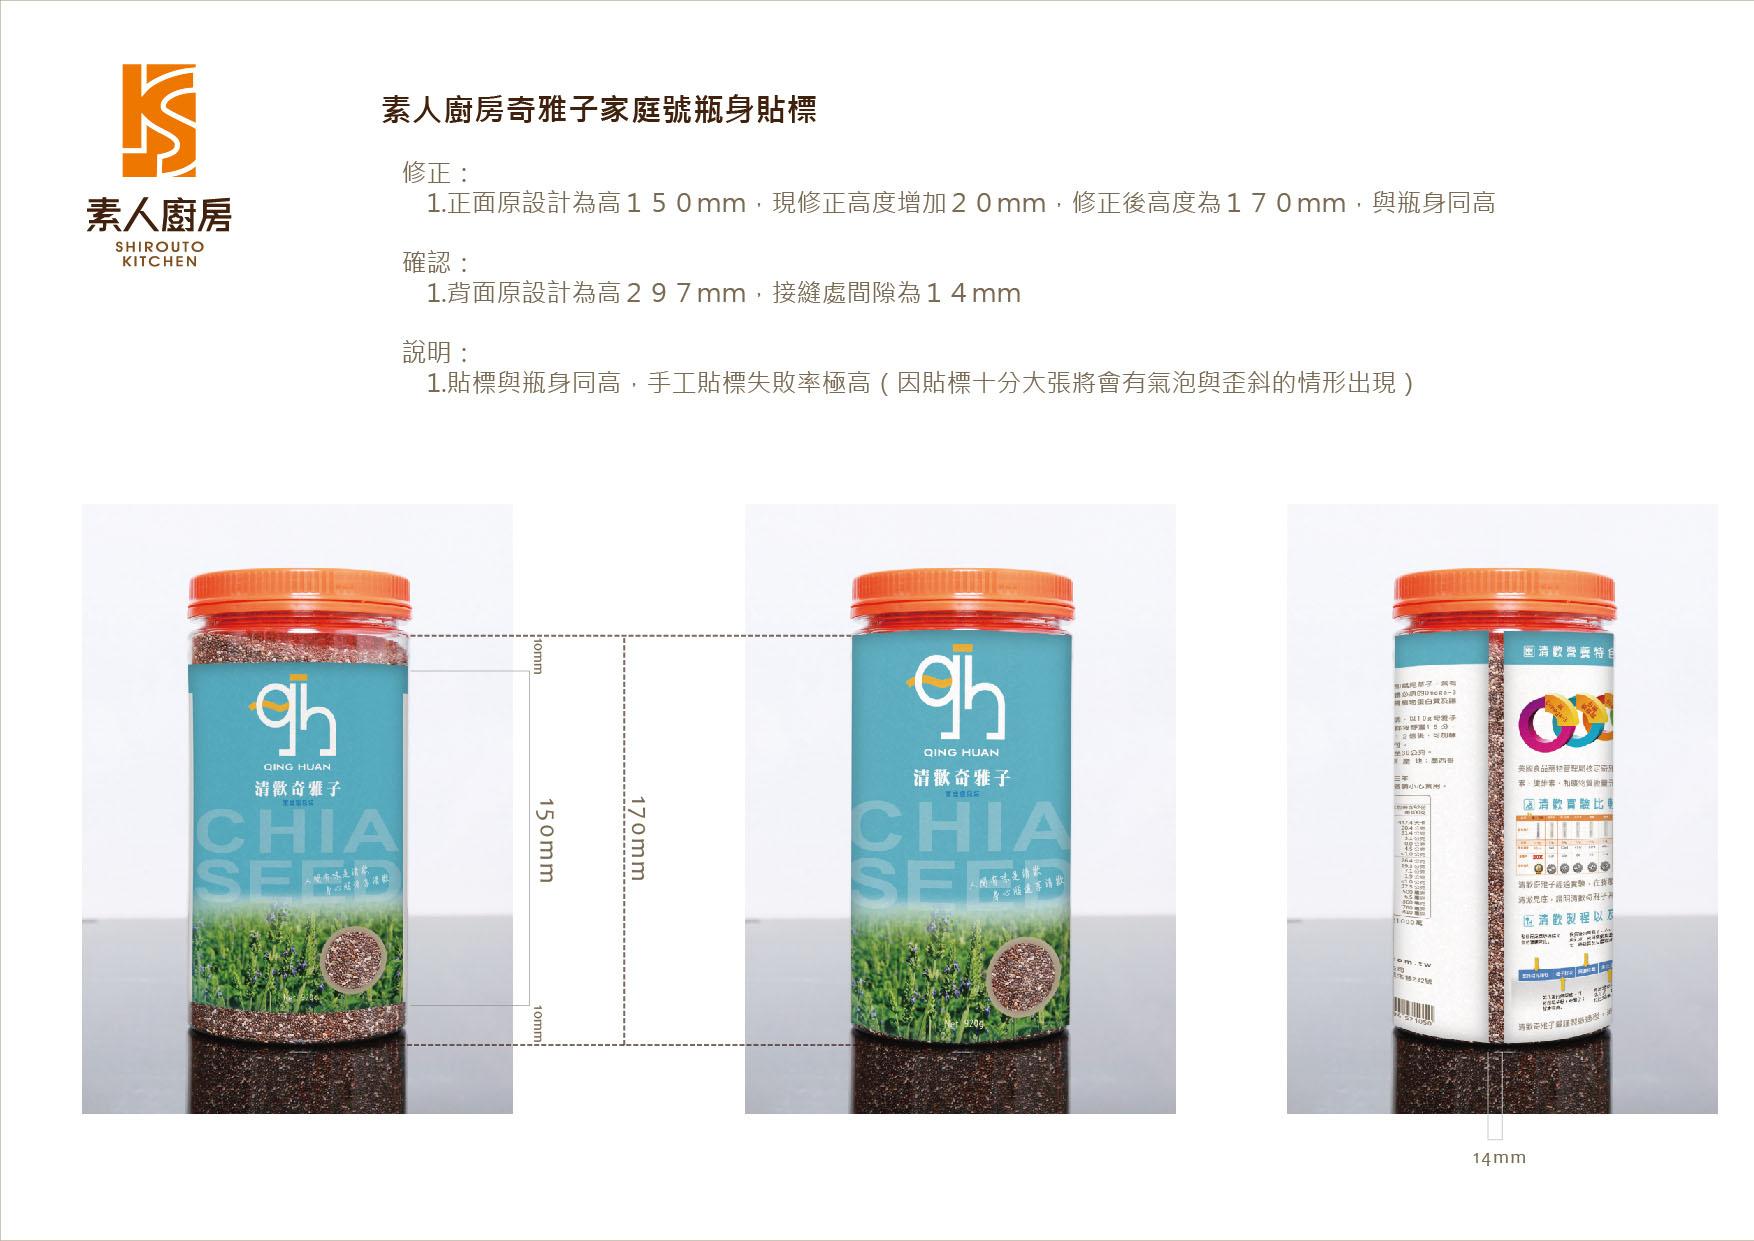 清歡奇雅子家庭號瓶身貼標變更_v151019a